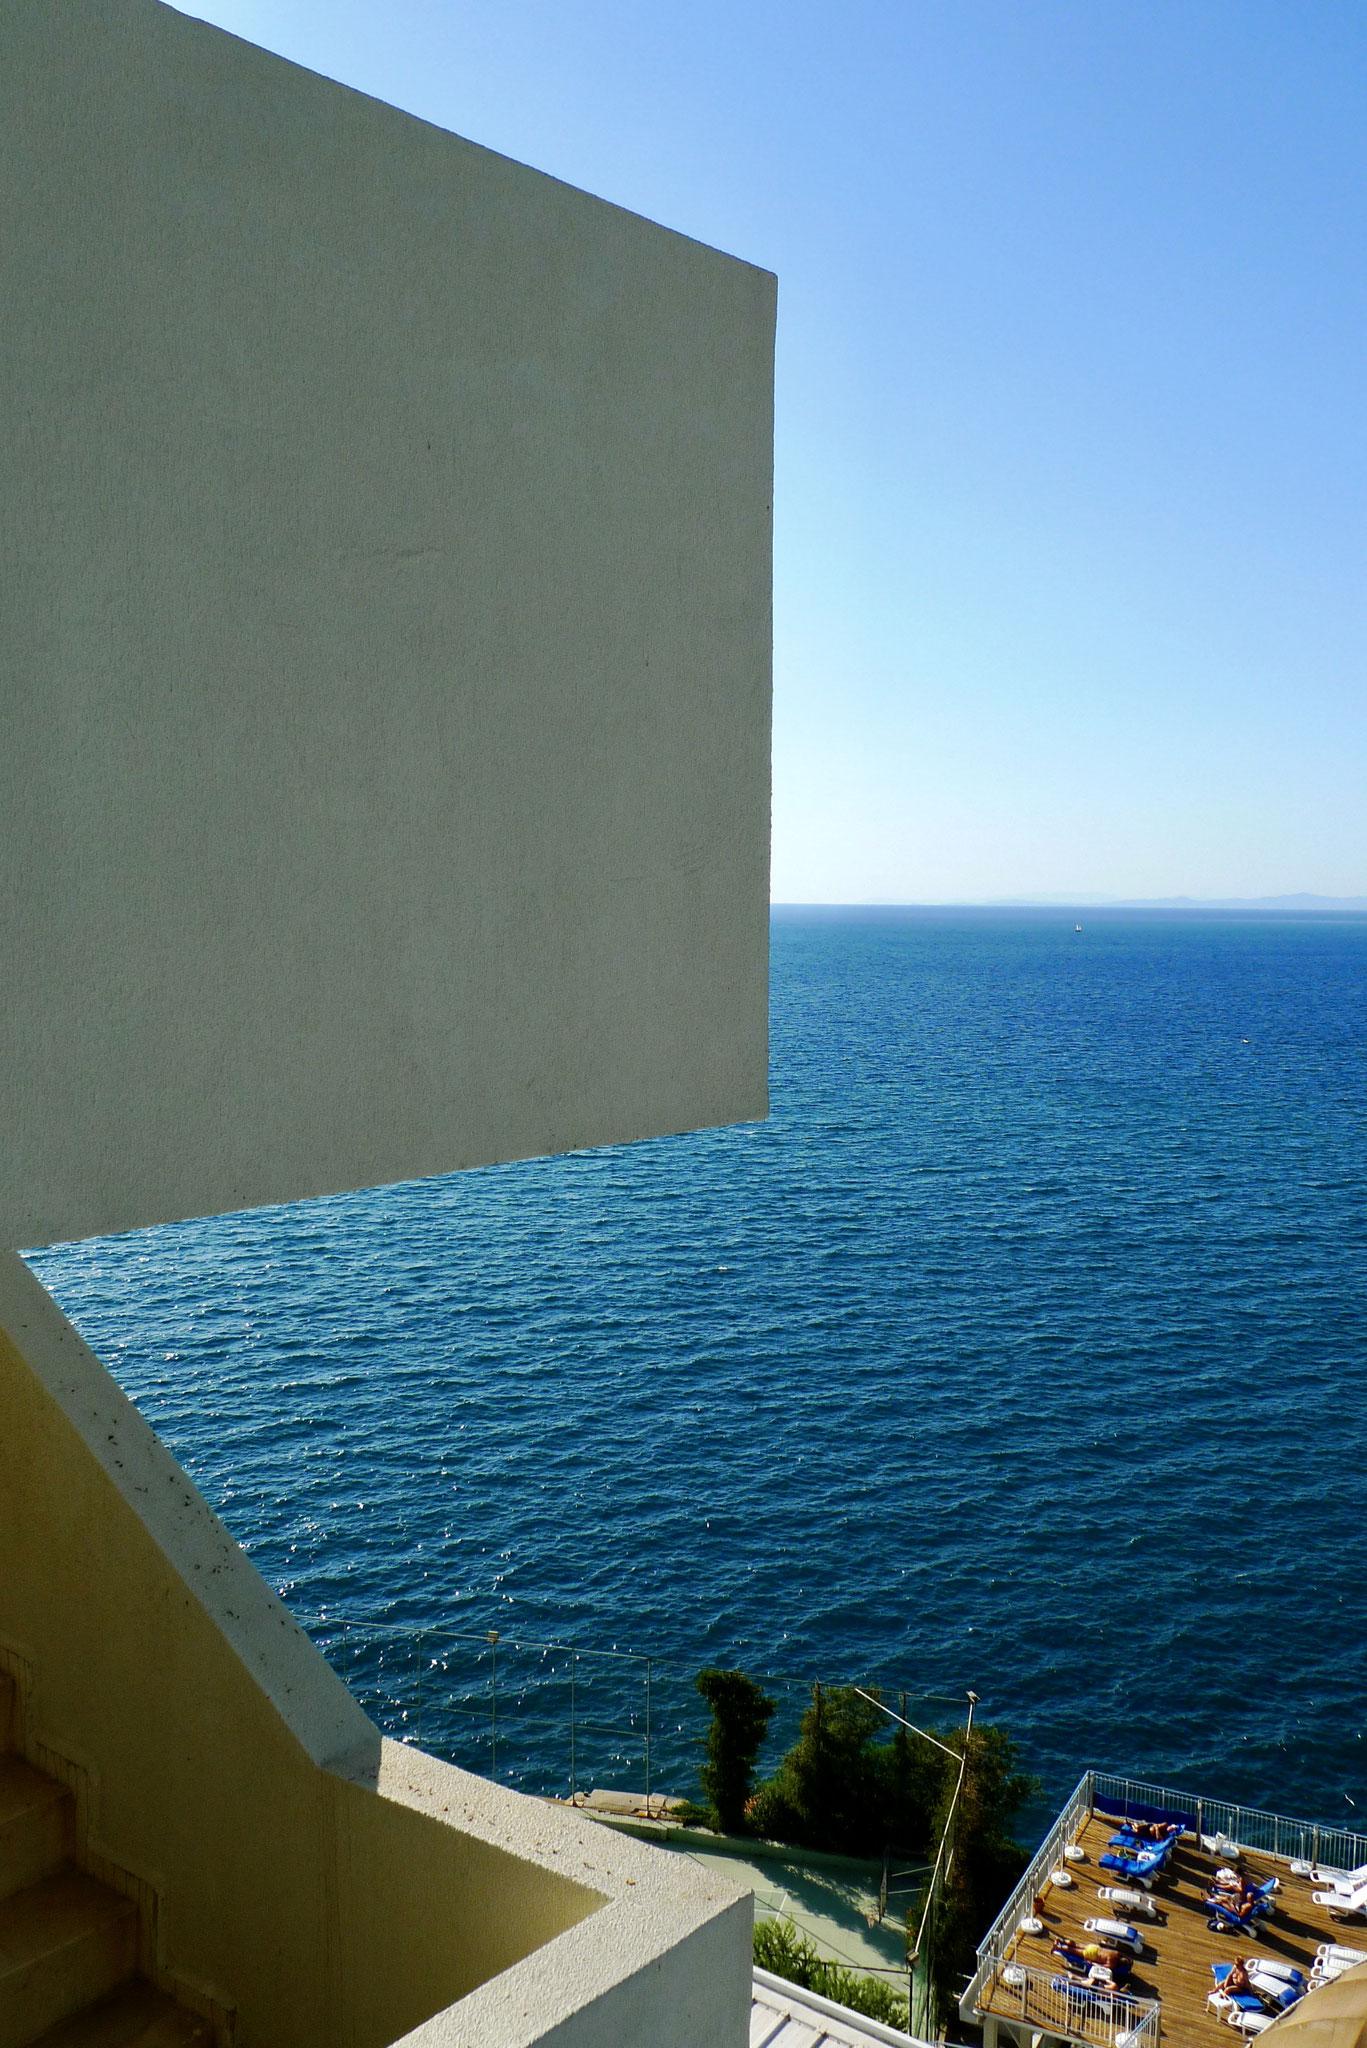 Kuşadasi overlooking the Aegean Sea